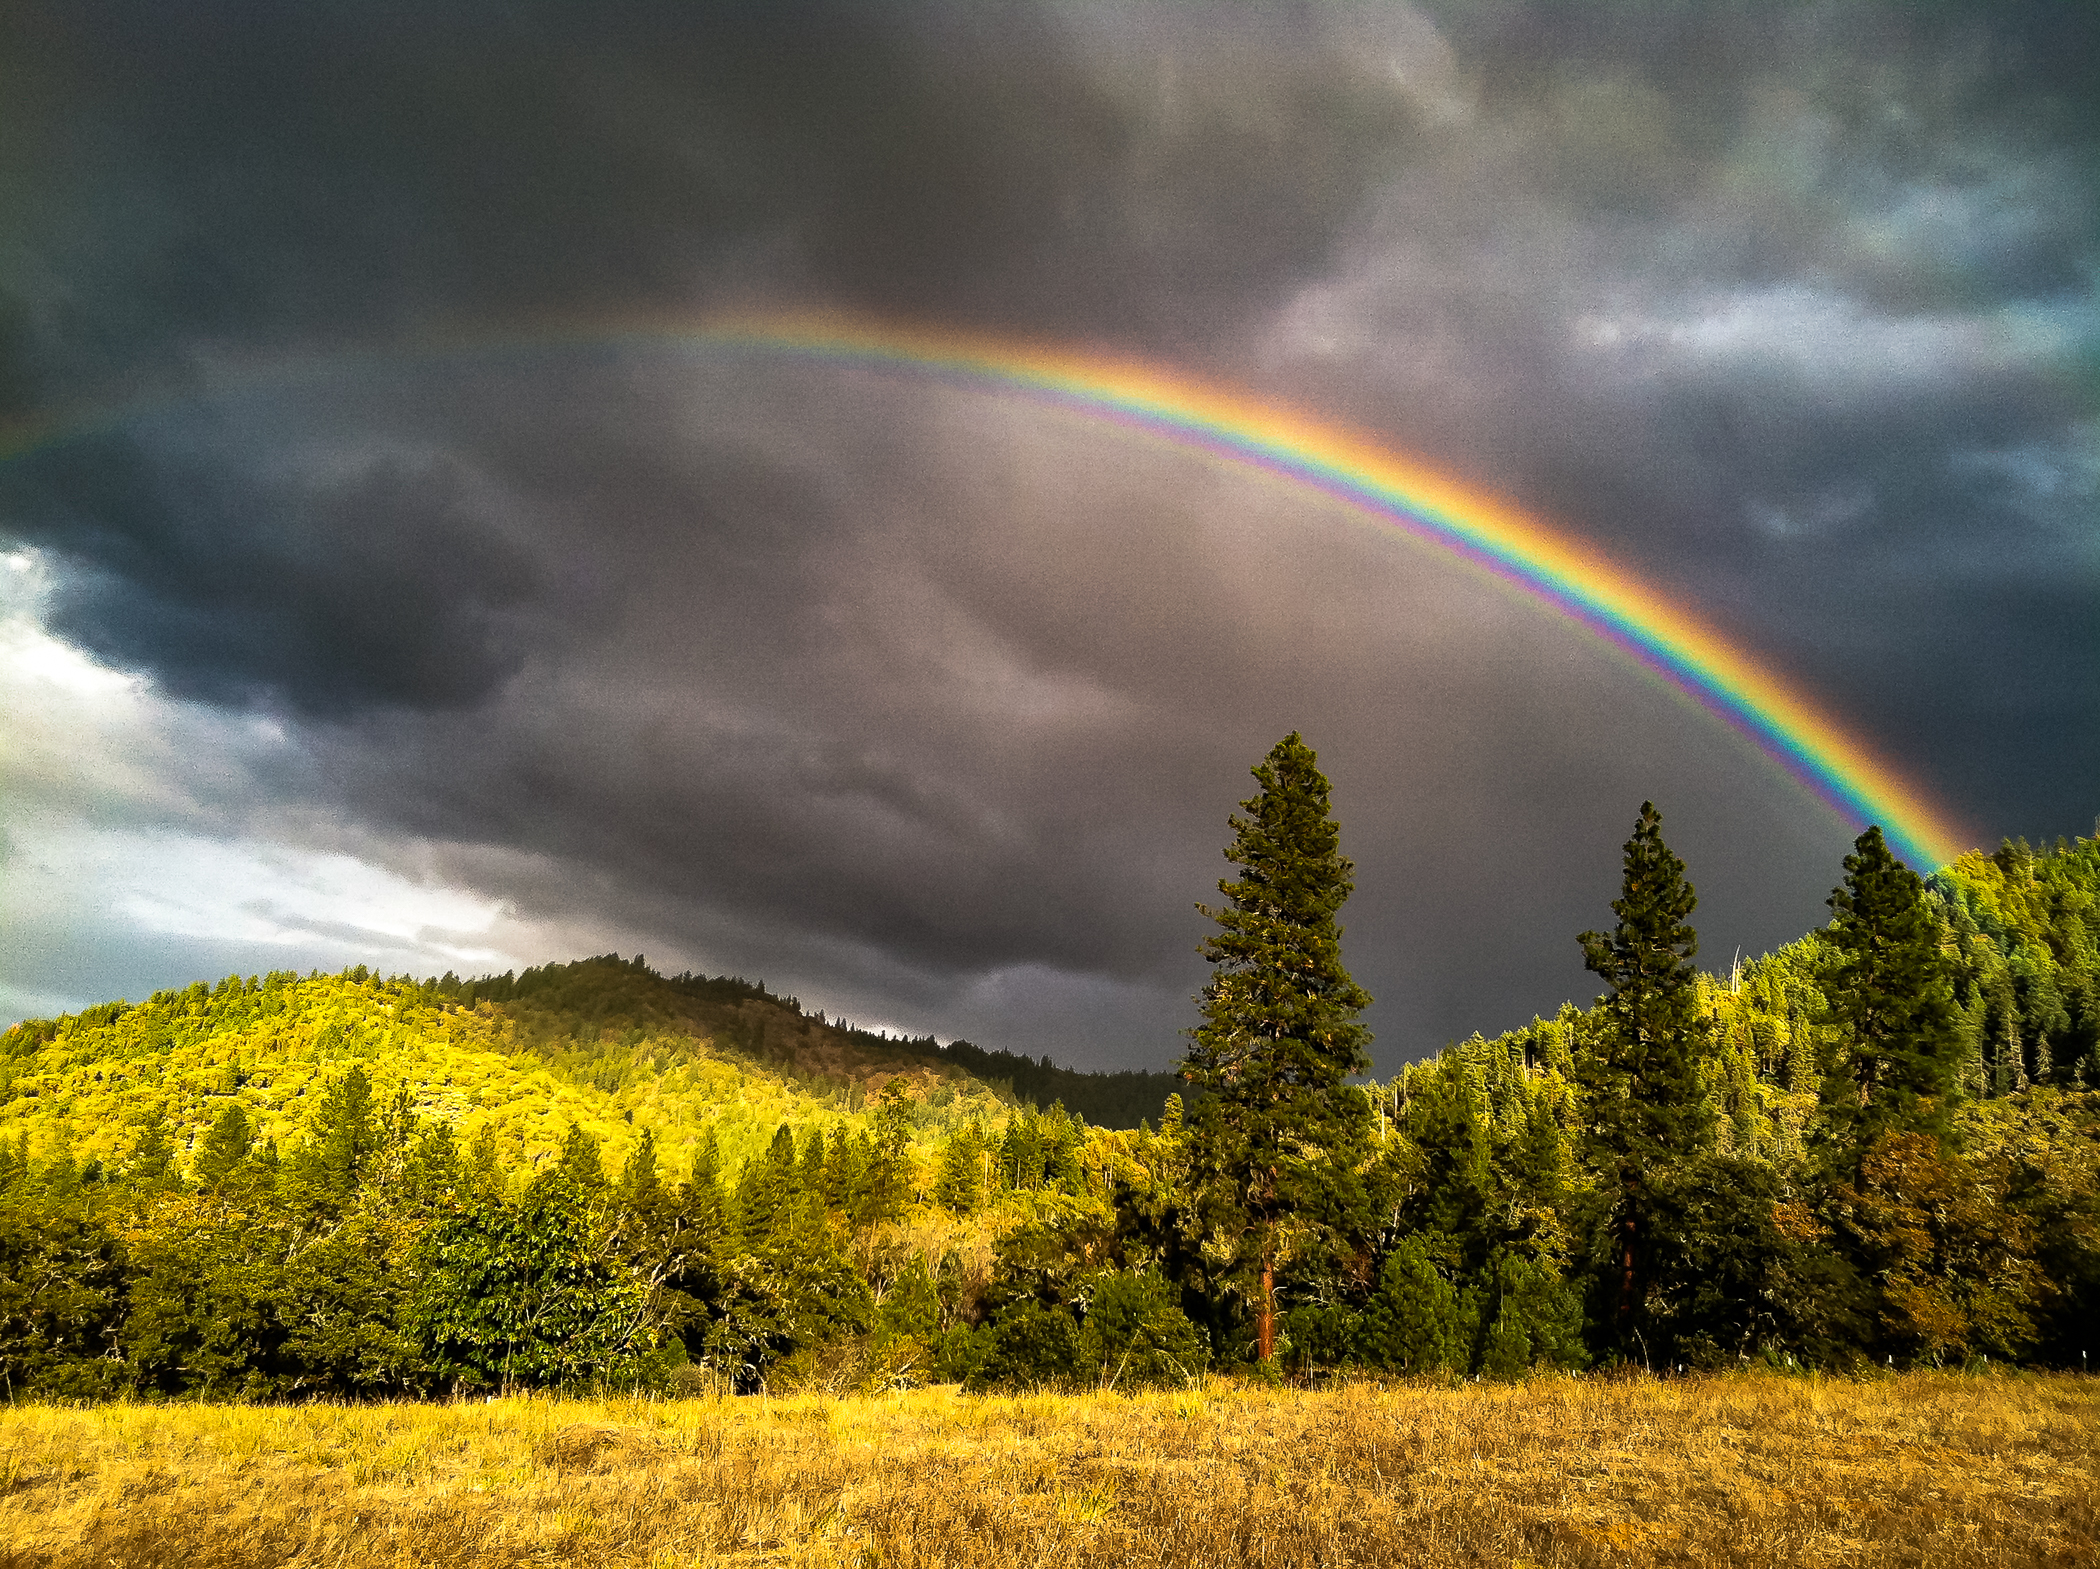 Findley_Rainbow-2139.jpg